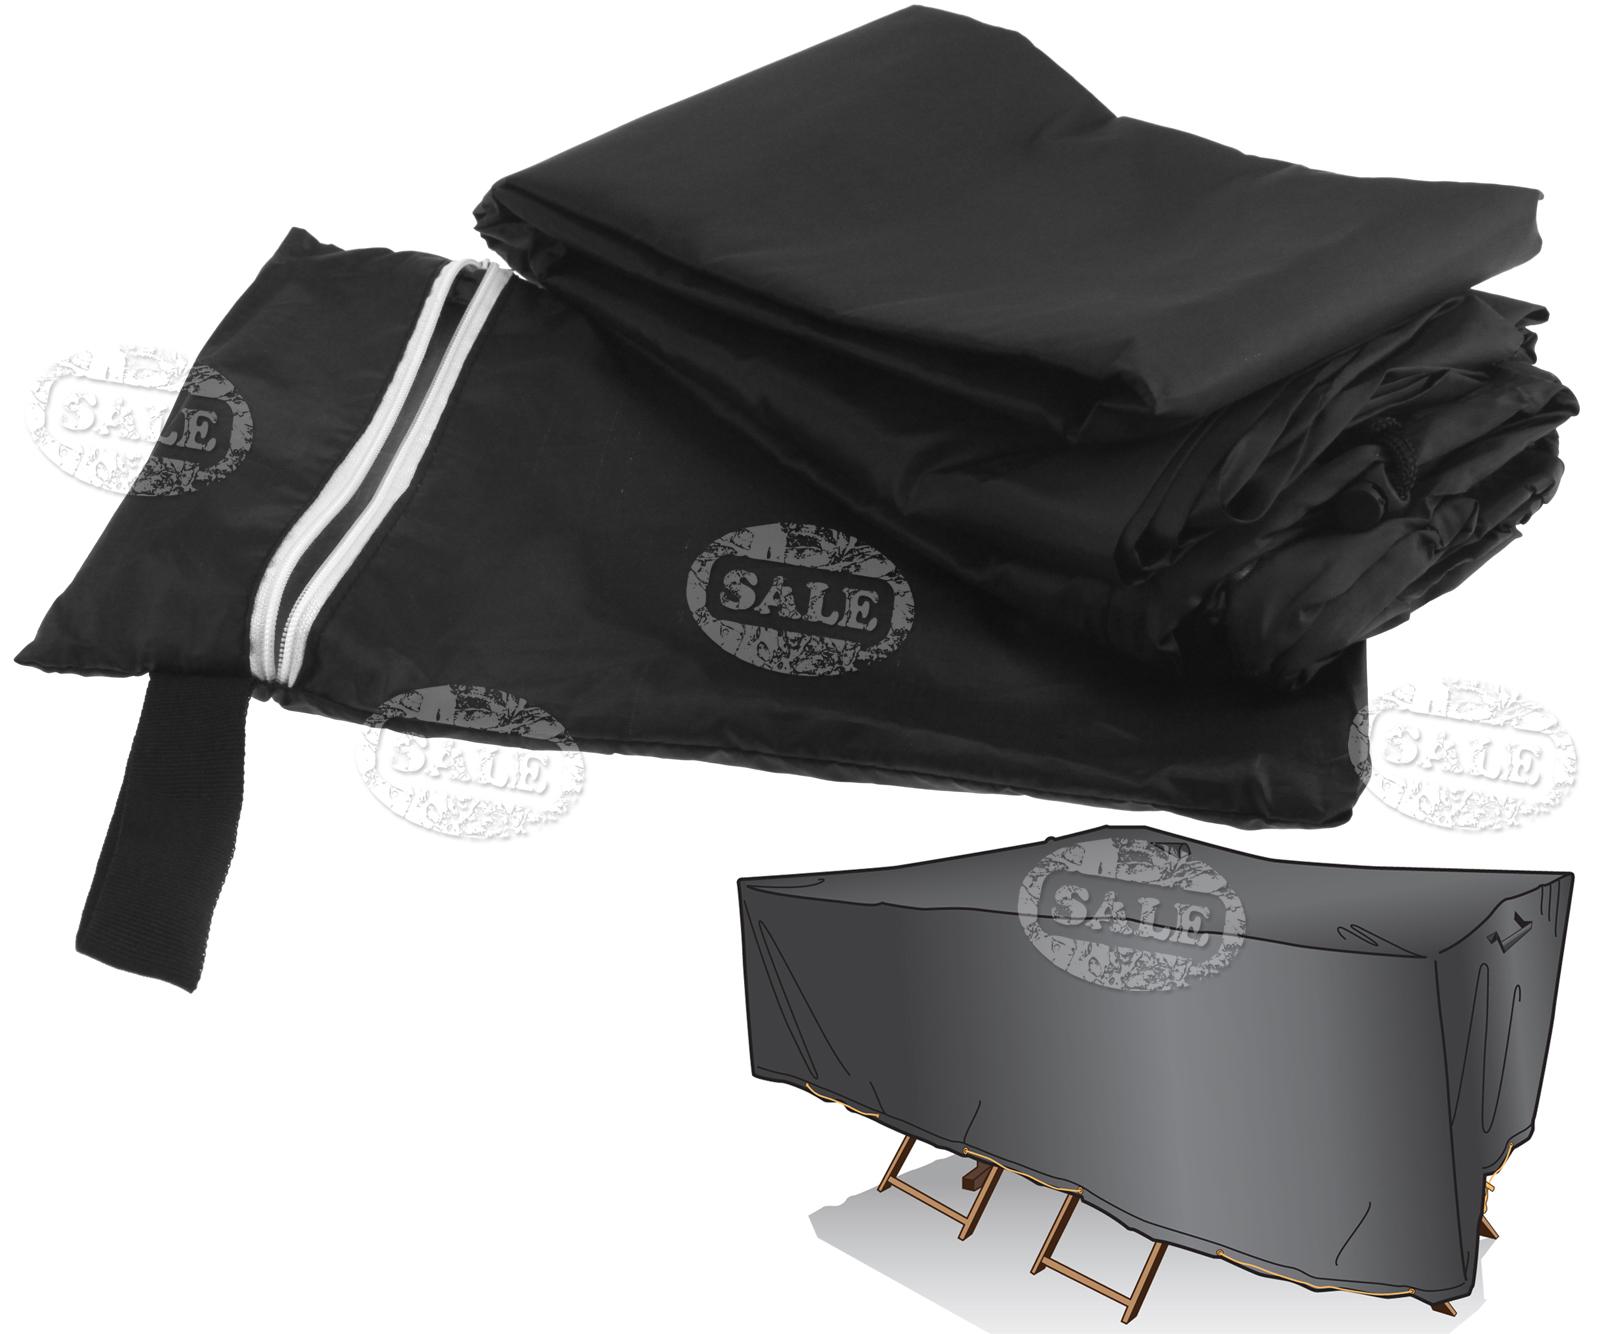 Pvc Outdoor Garden Furniture Cover Rain Protection 155 X